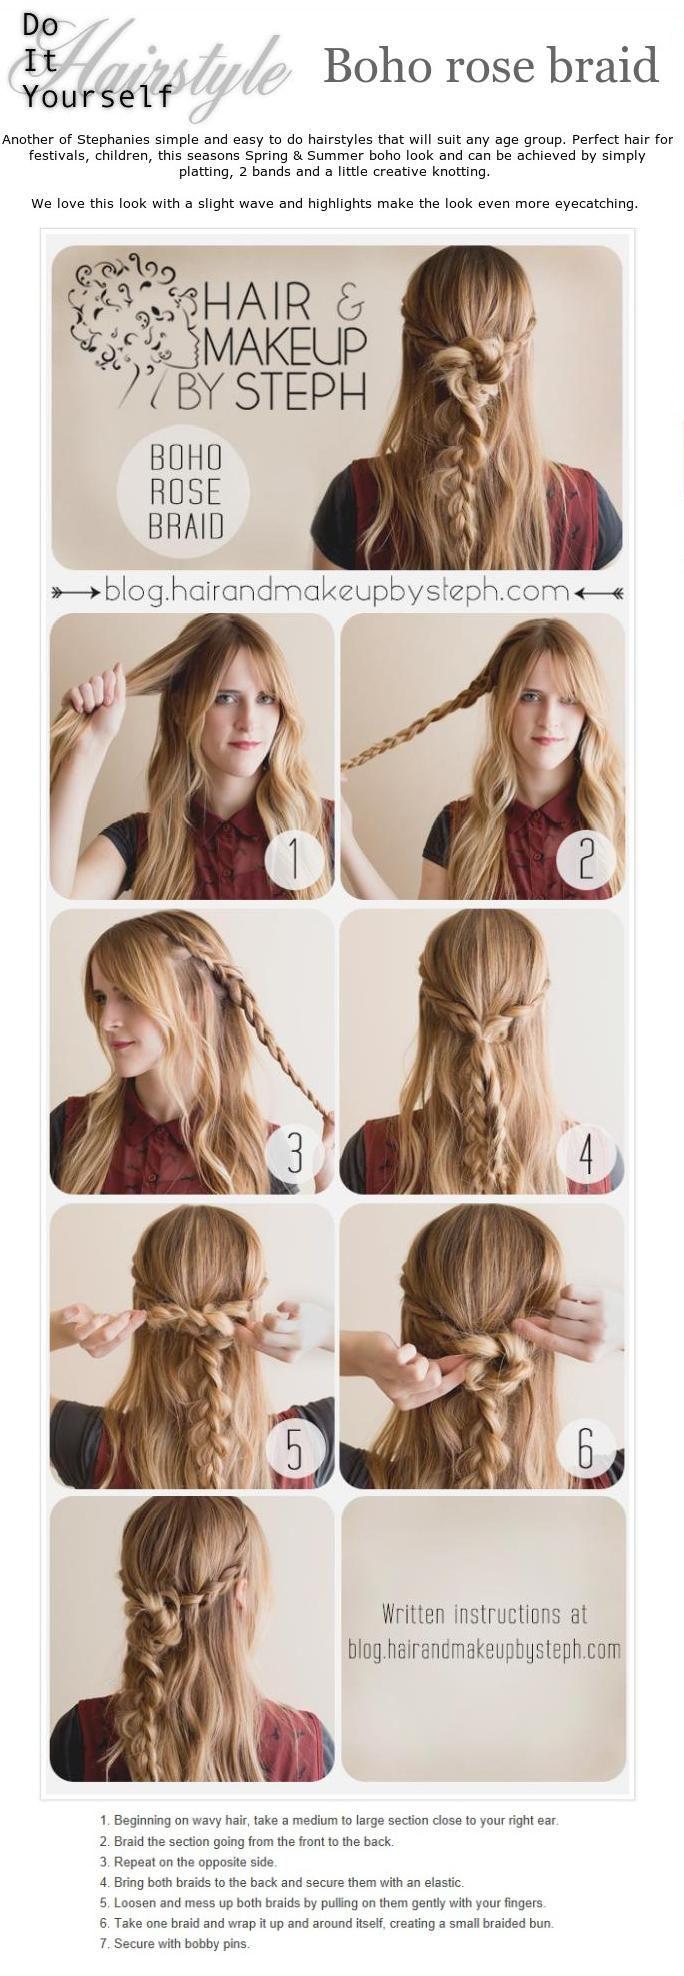 DIY Styles - Boho rose braid #ukhairdressers